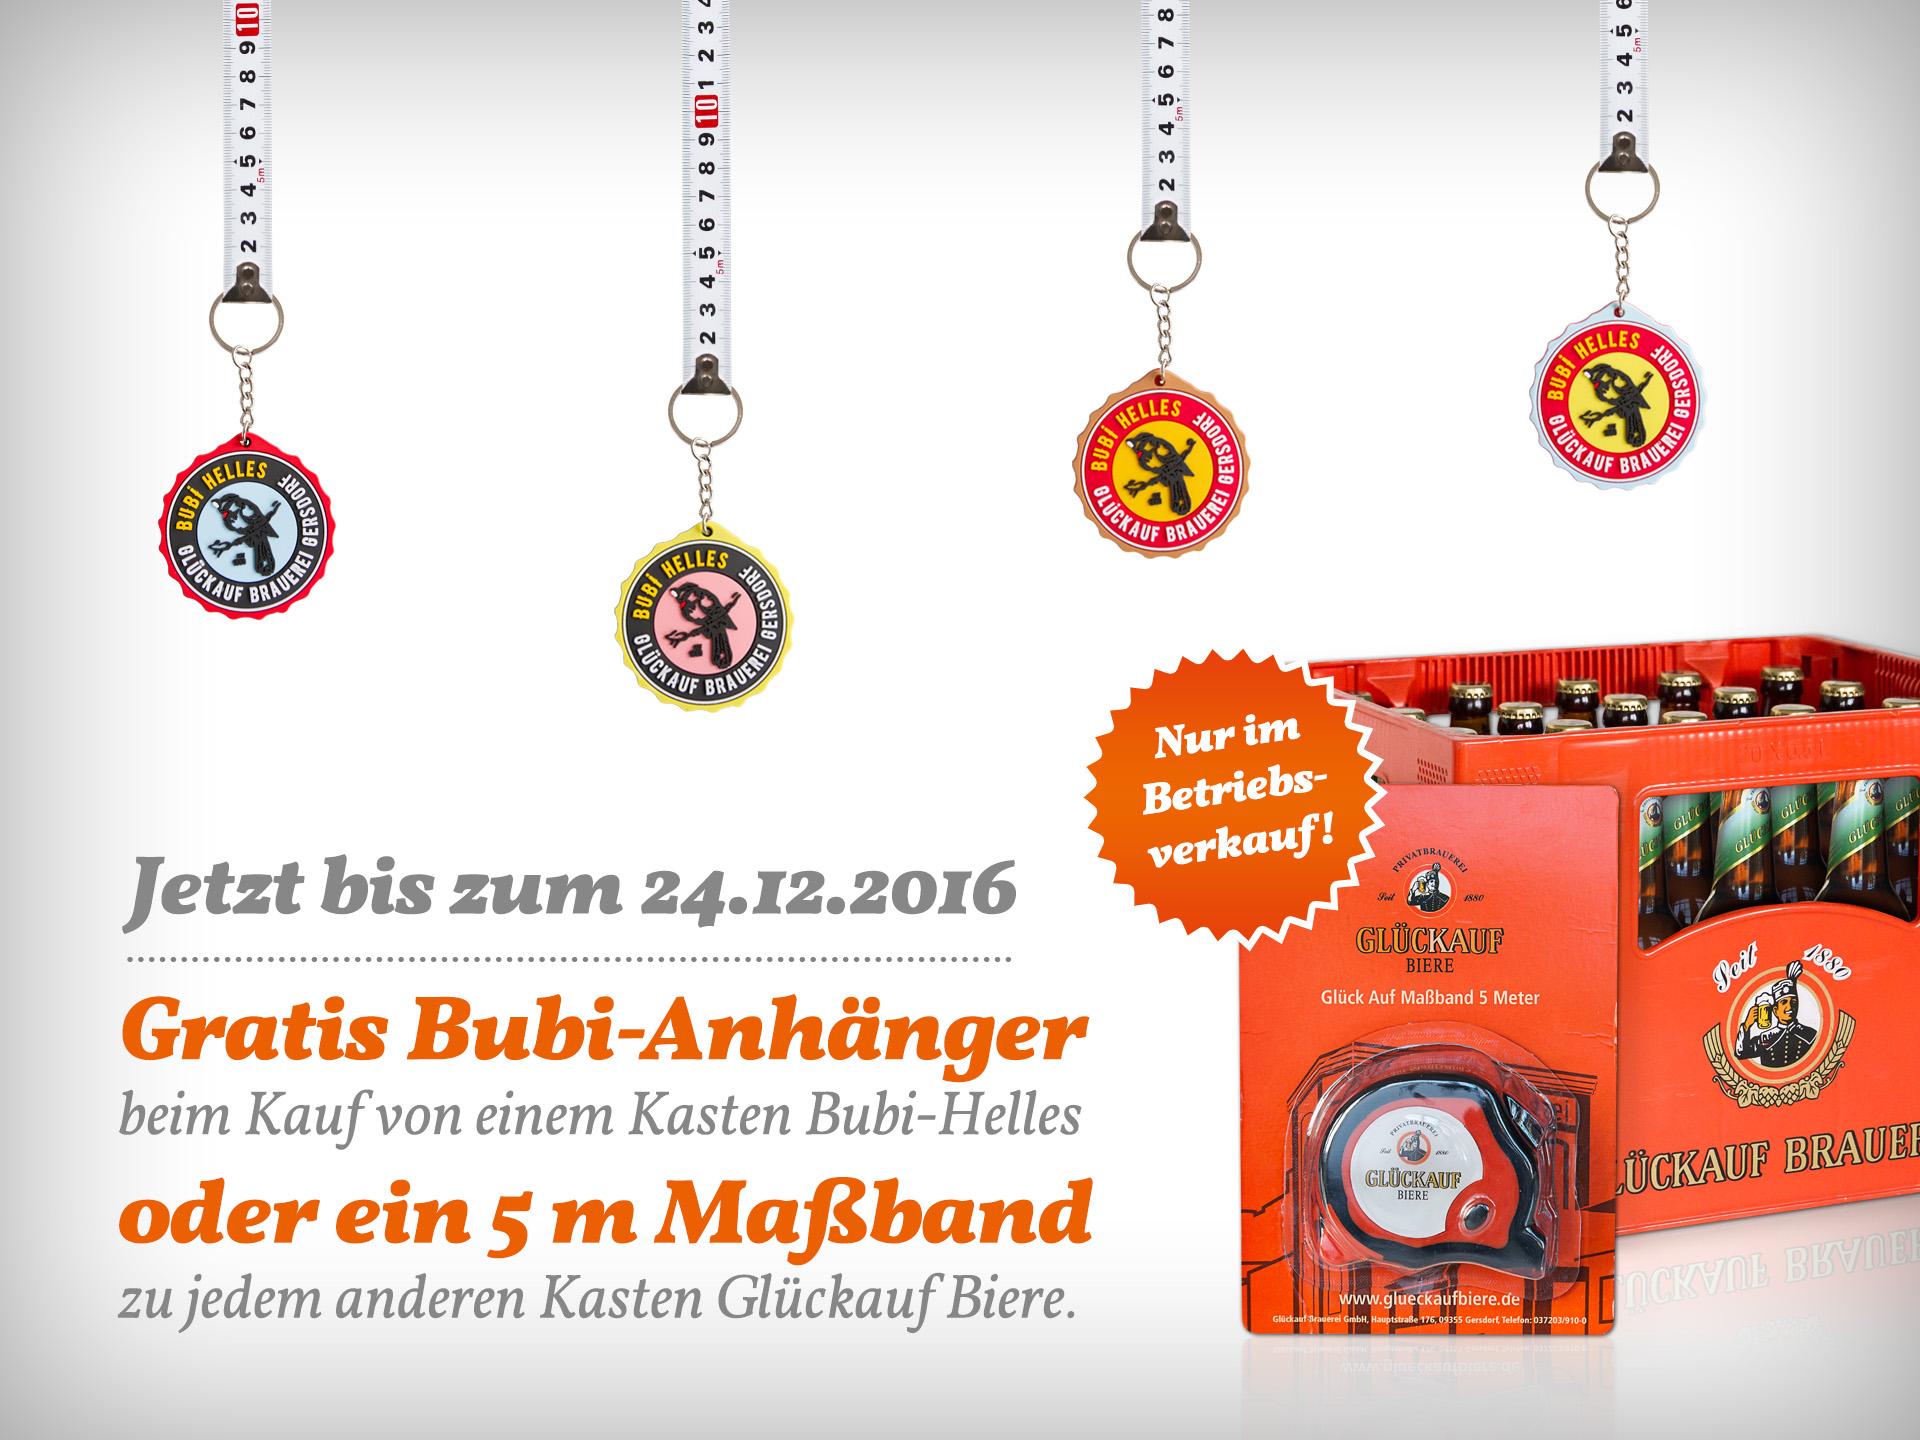 Glückauf Brauerei Gersdorf - Aktion Betriebsverkauf